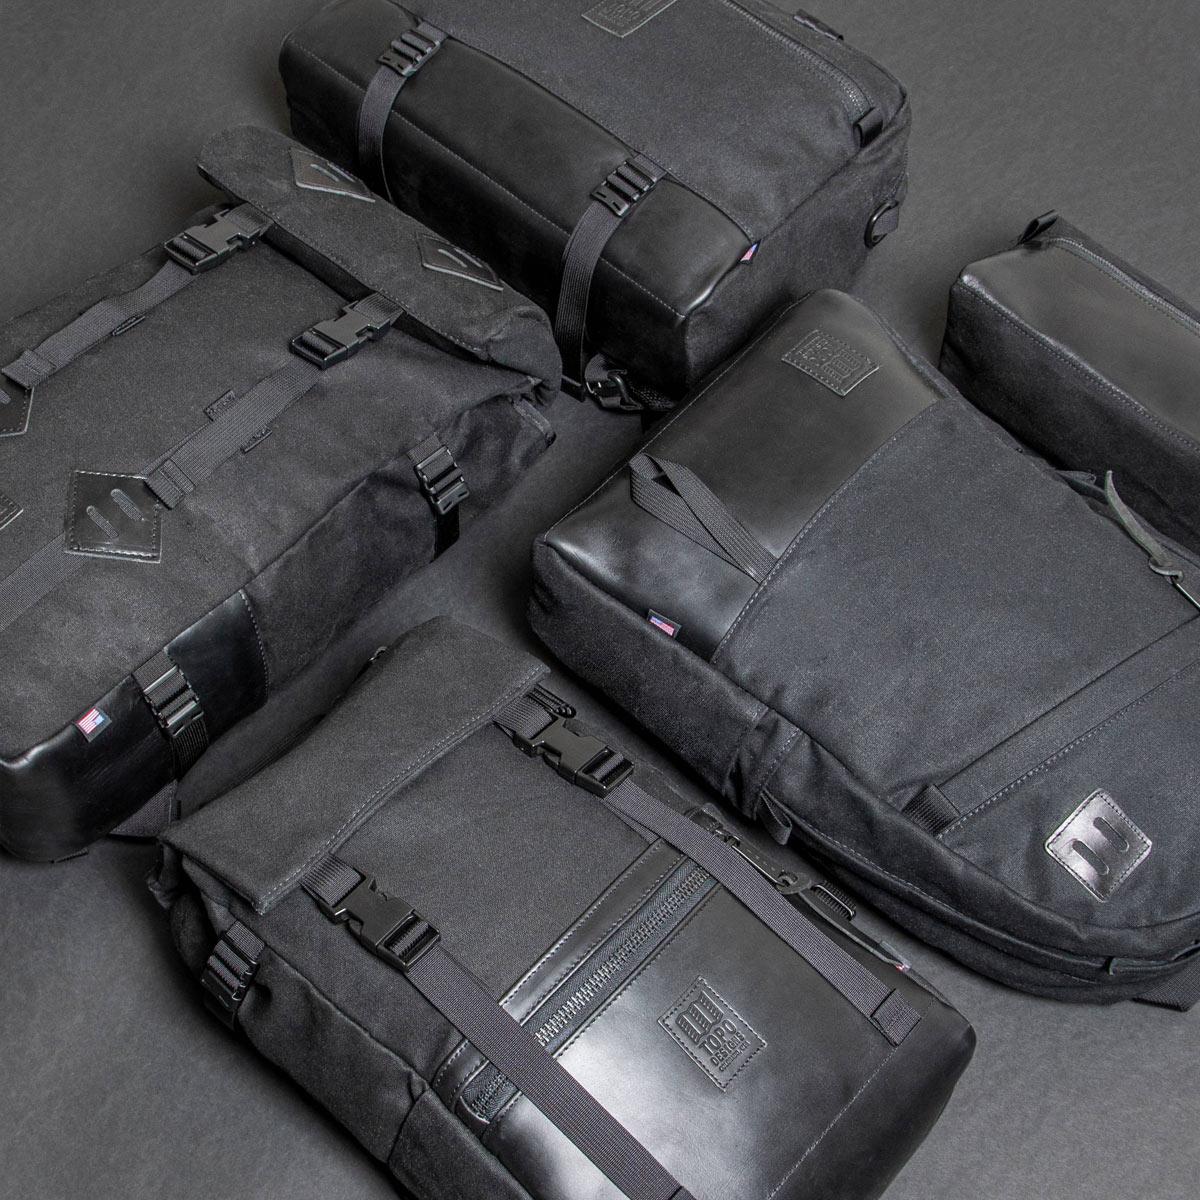 Topo Designs Commuter Briefcase Heritige Black Canvas/Black Leather, perfekte Tasche mit durchdachter Funktionalität